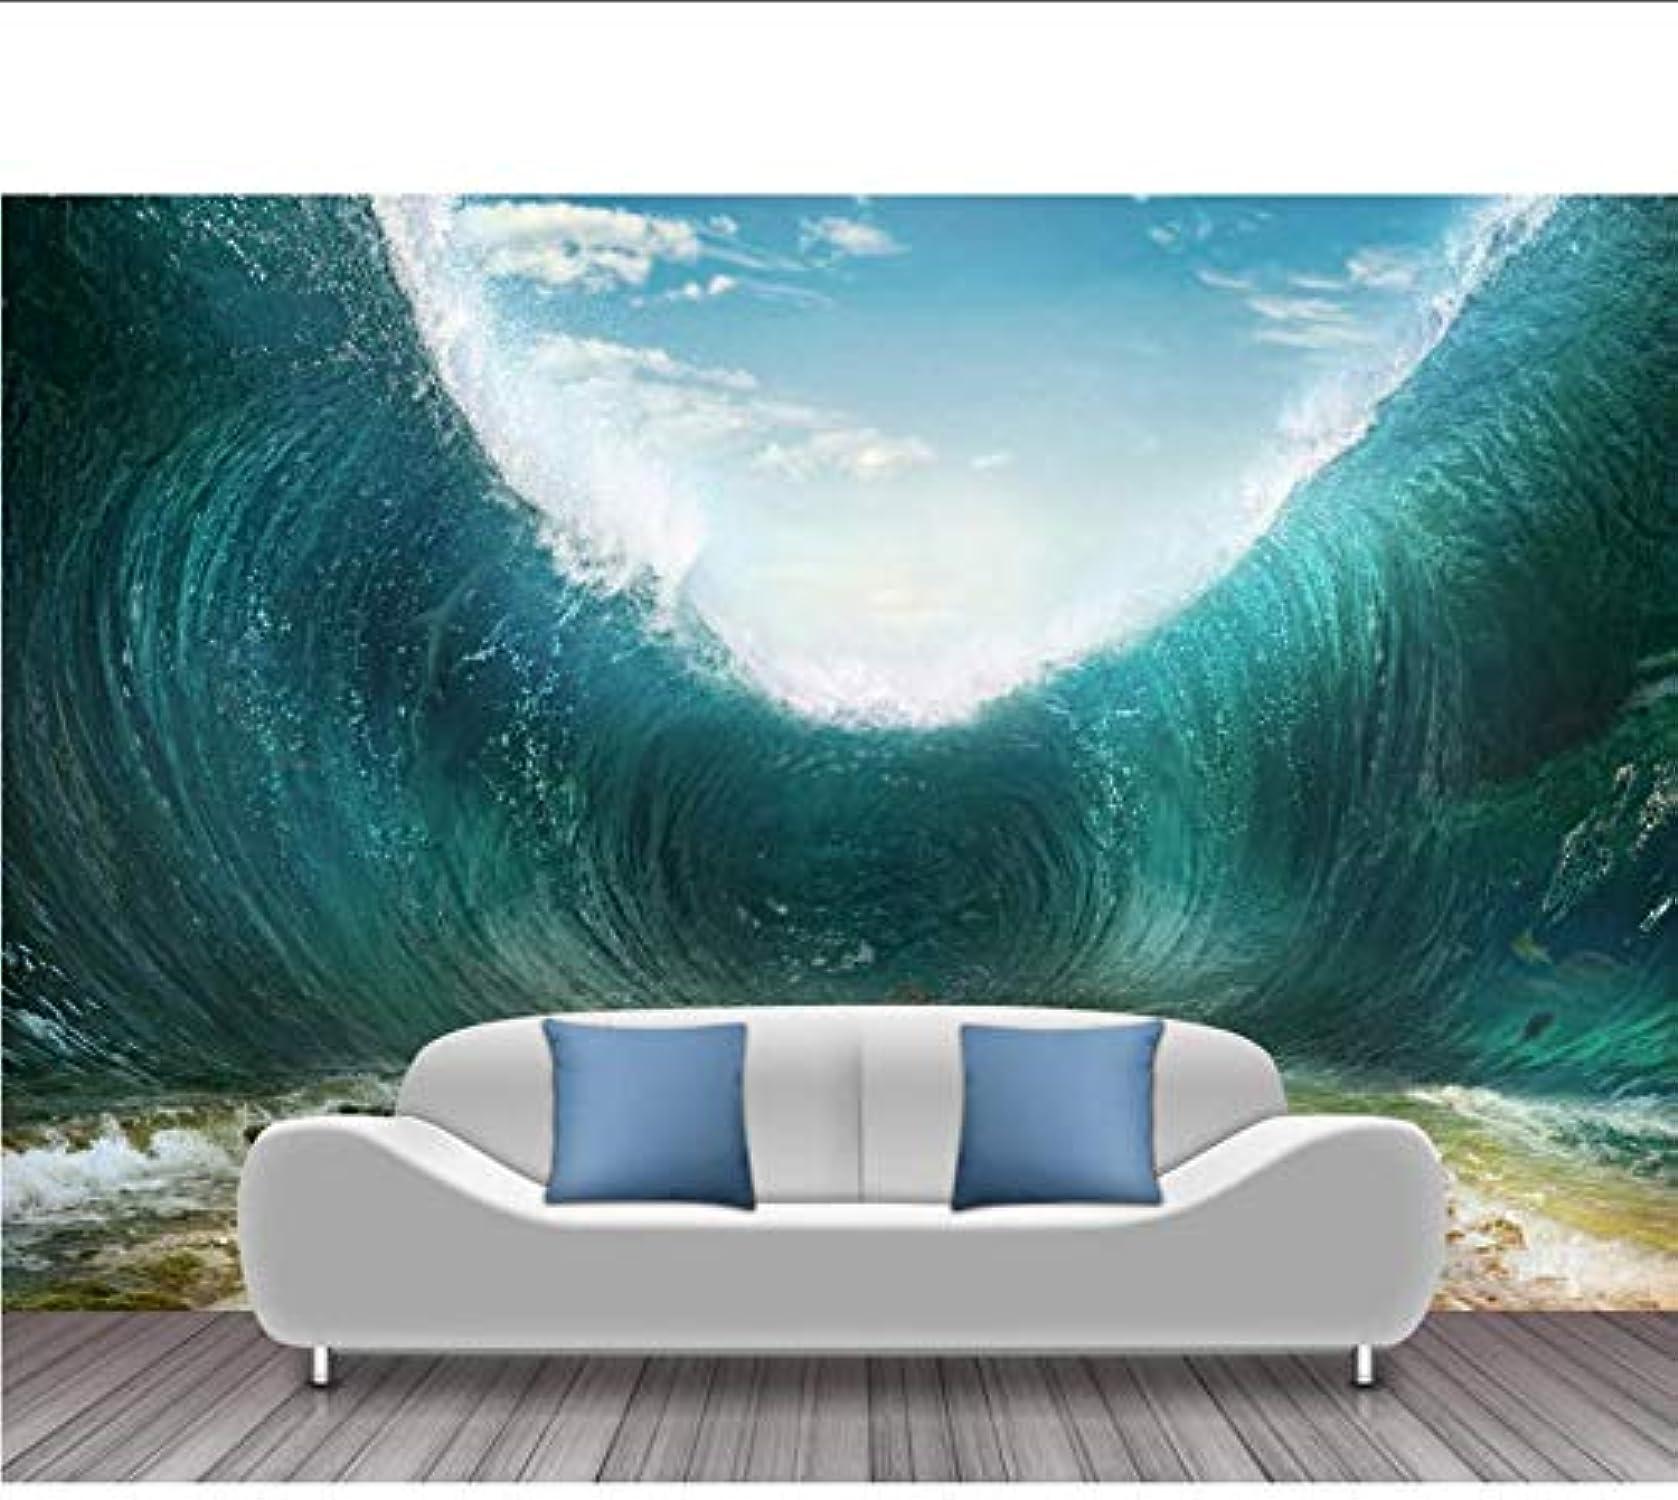 precio mas barato Hbbhbb Moderno Adhesivo De De De Papel Tapiz Ola Enorme Fondo De Pantalla Fotográfica Mural Salón 3D-140(H)200(W) Cm  precio al por mayor